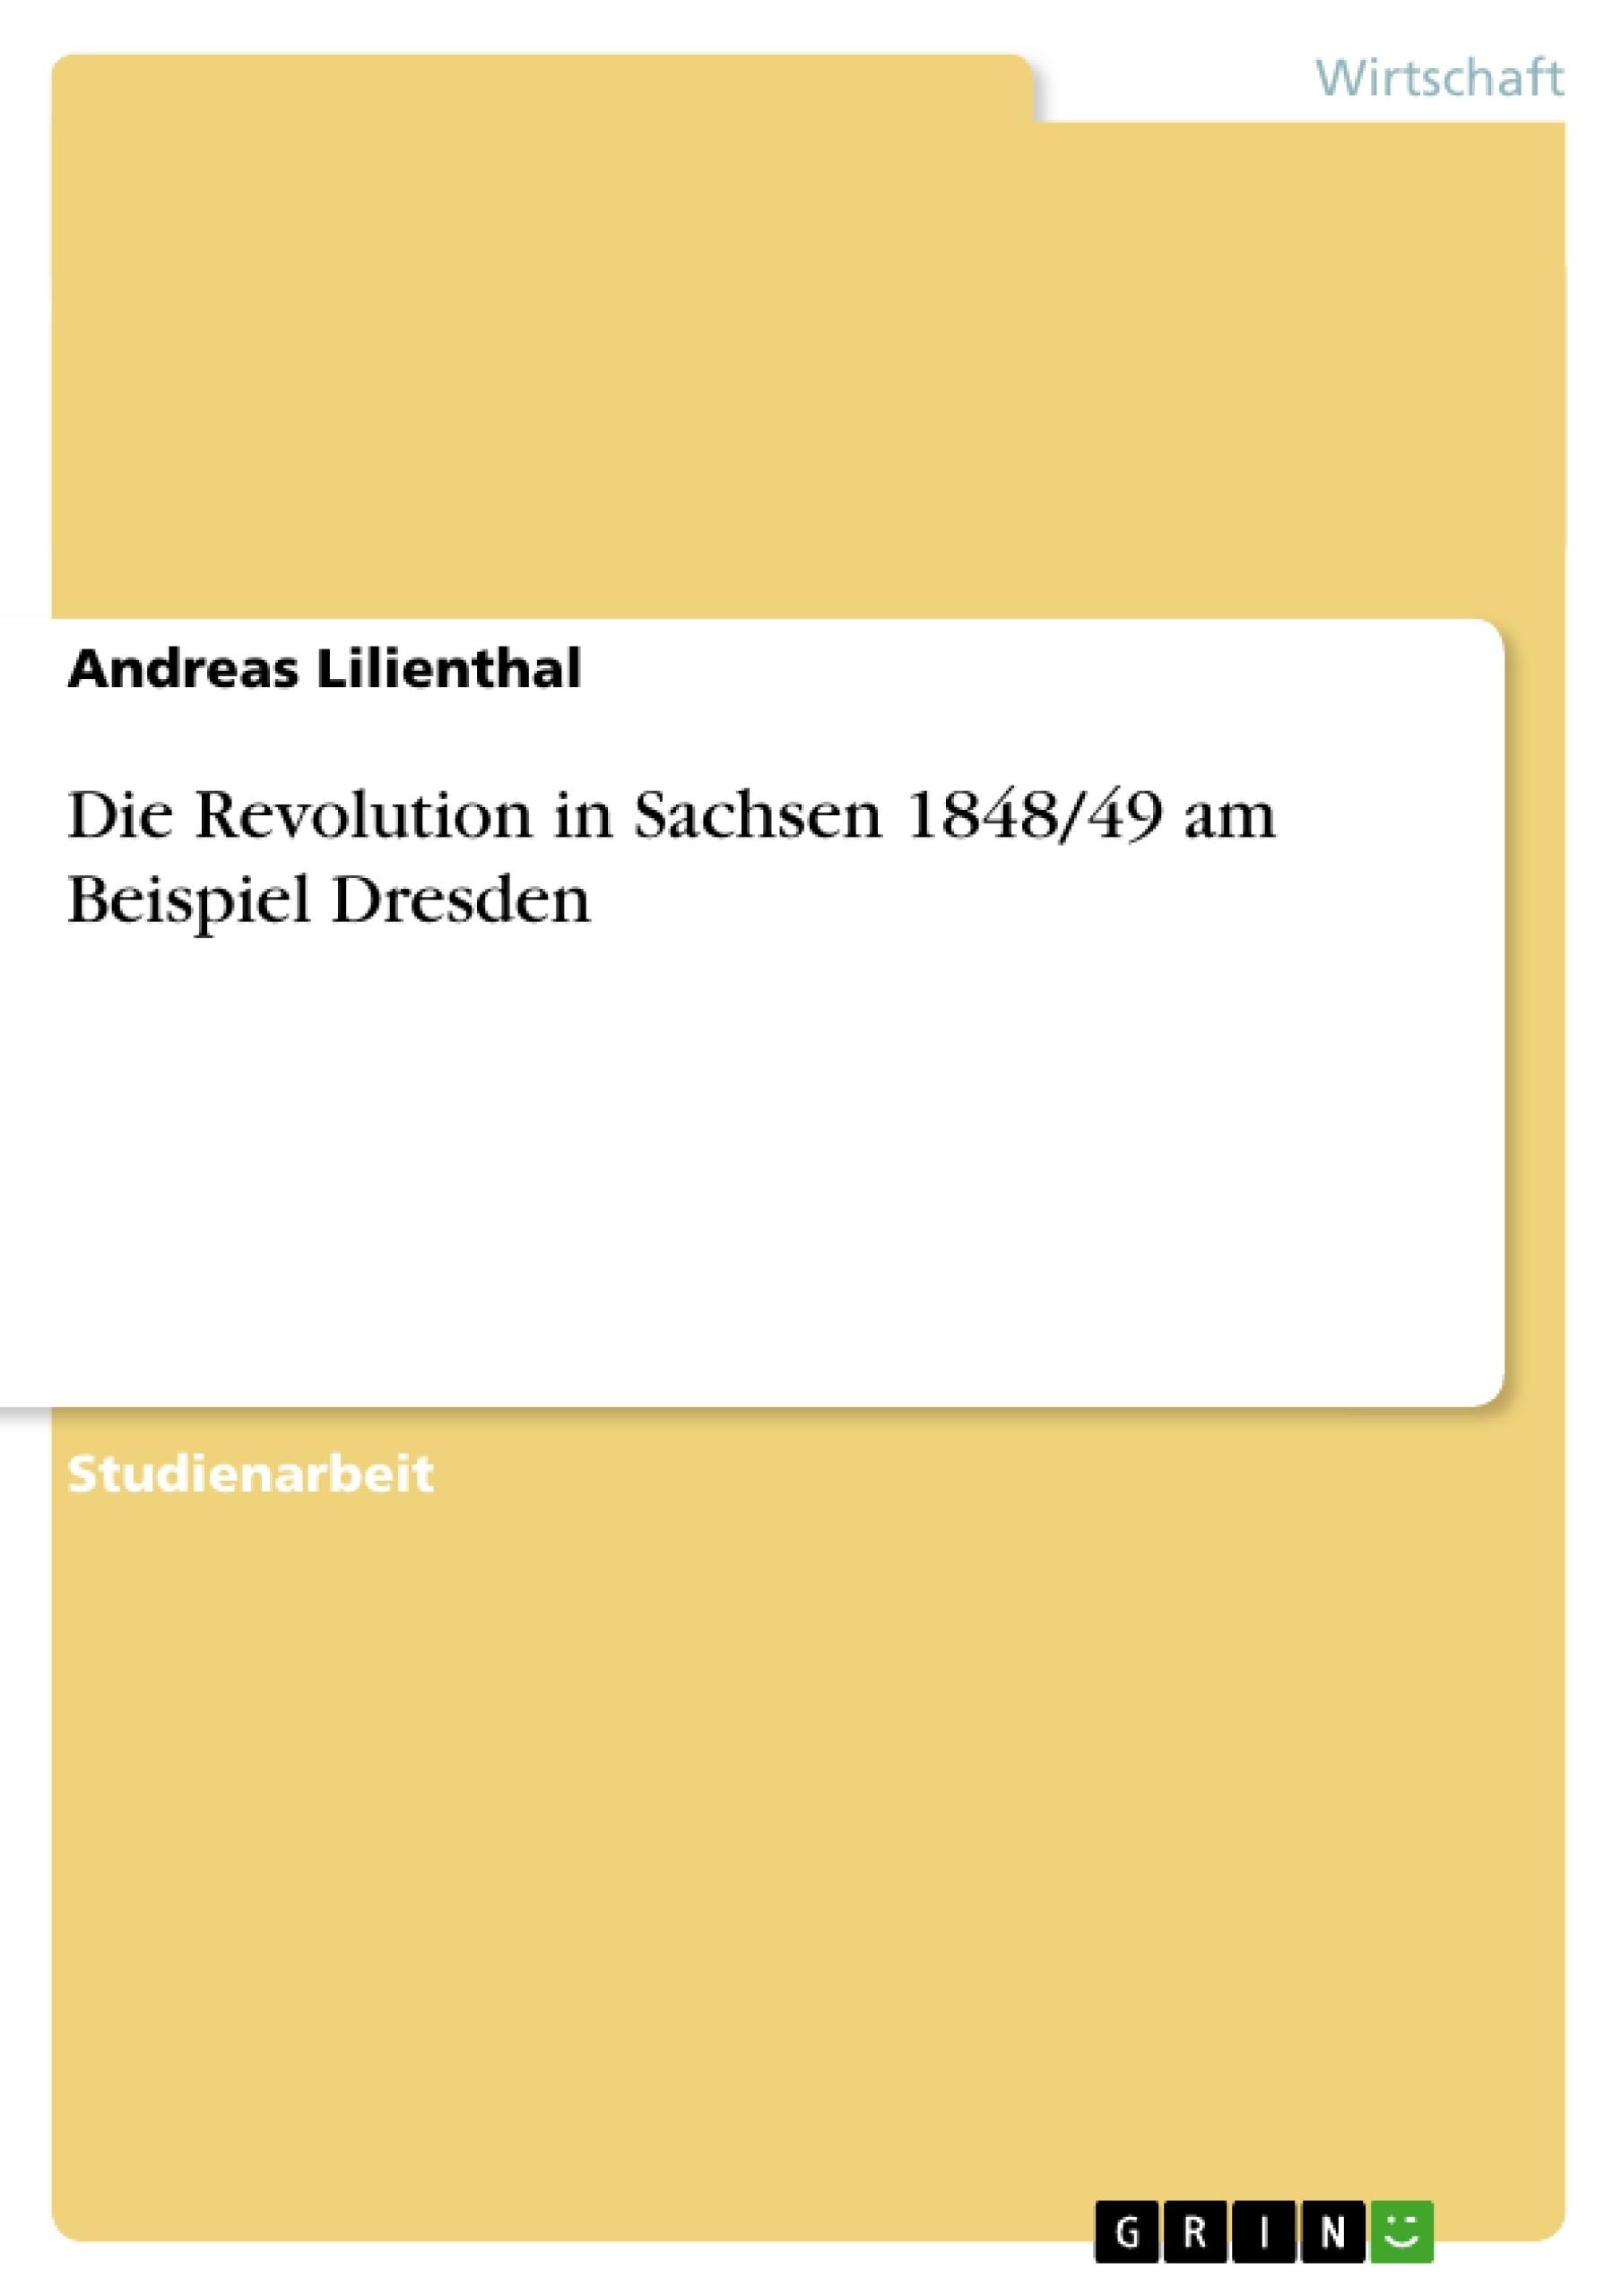 Titel: Die Revolution in Sachsen 1848/49 am Beispiel Dresden